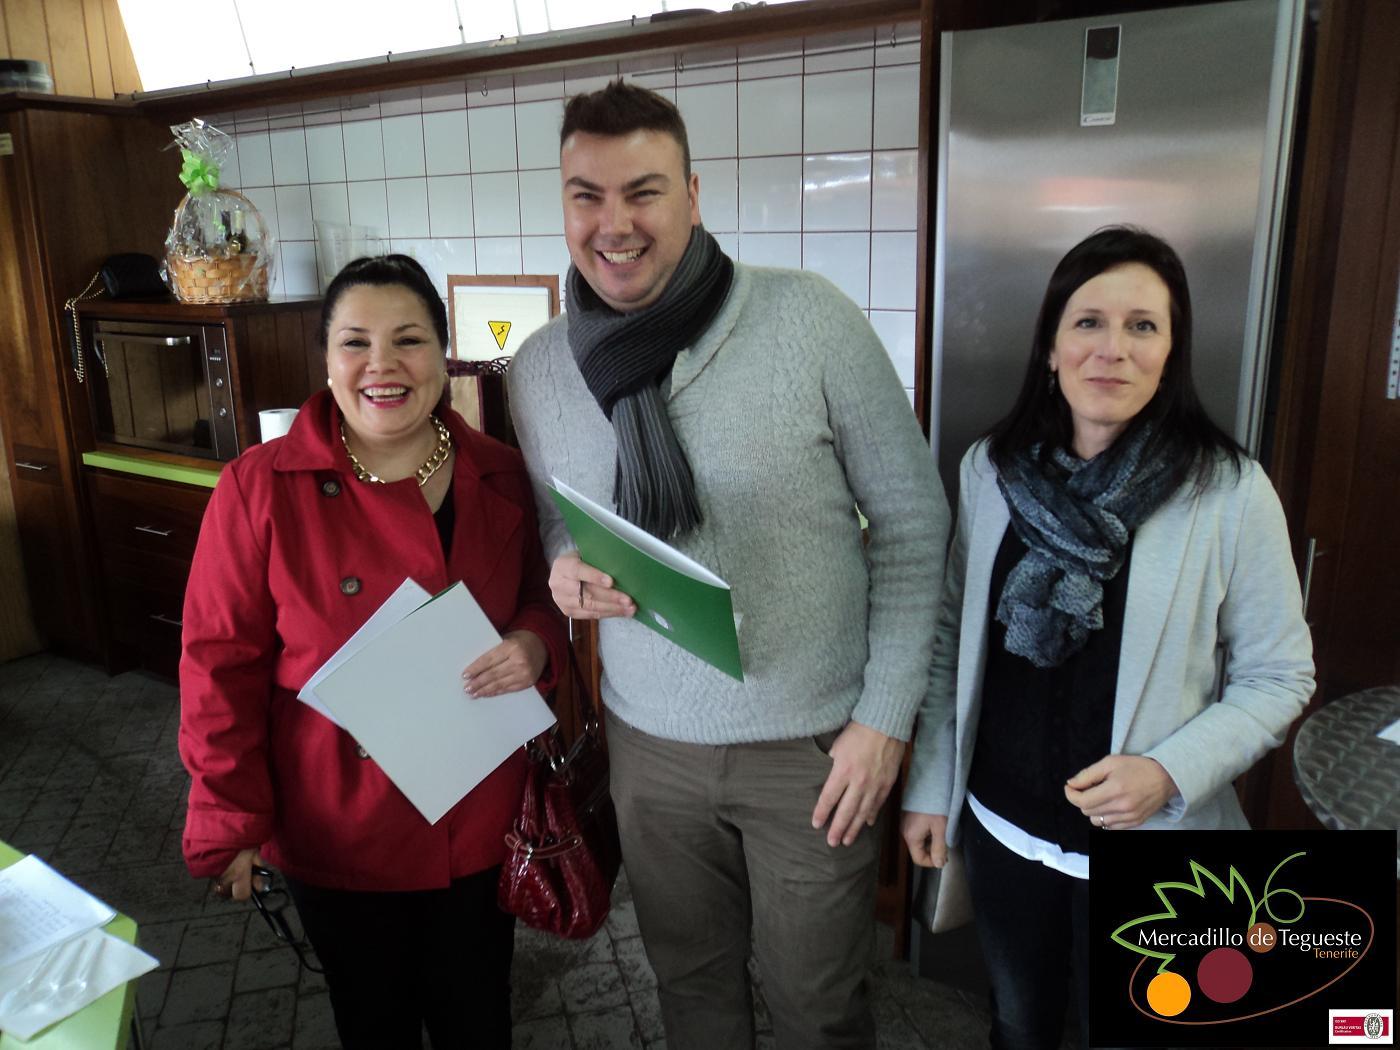 Jurado concurso postres zanahoria en mercadillodel agricultor de Tegueste